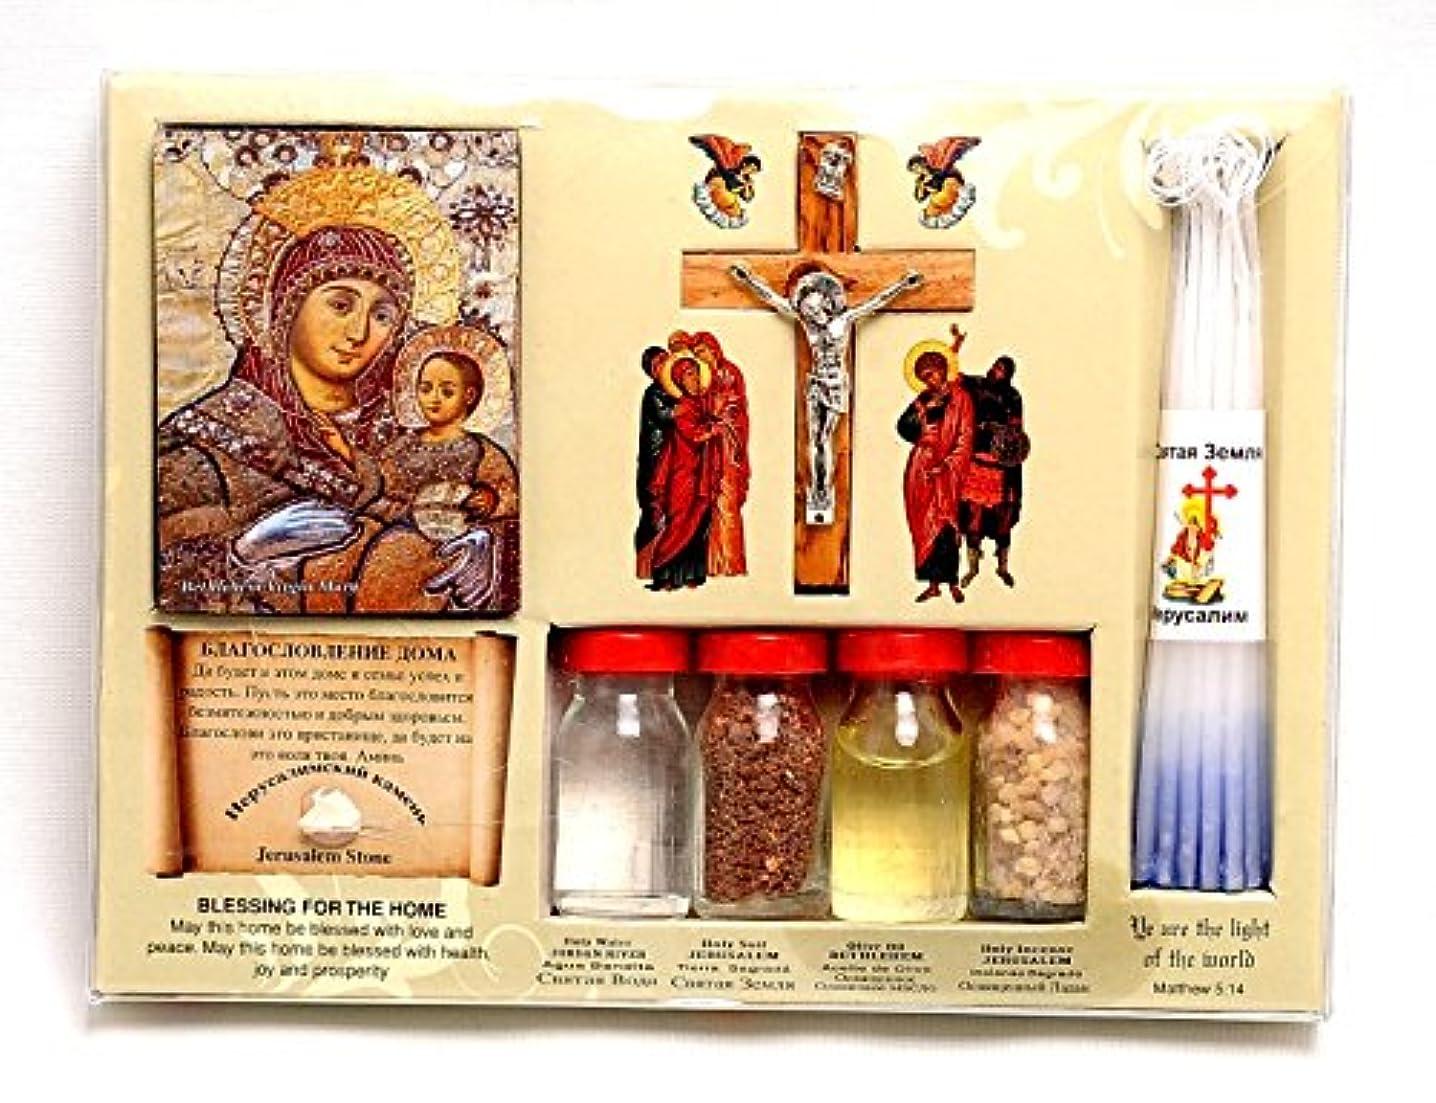 オレンジ散文散文ホーム祝福キットボトル、クロス&キャンドルから聖地エルサレム